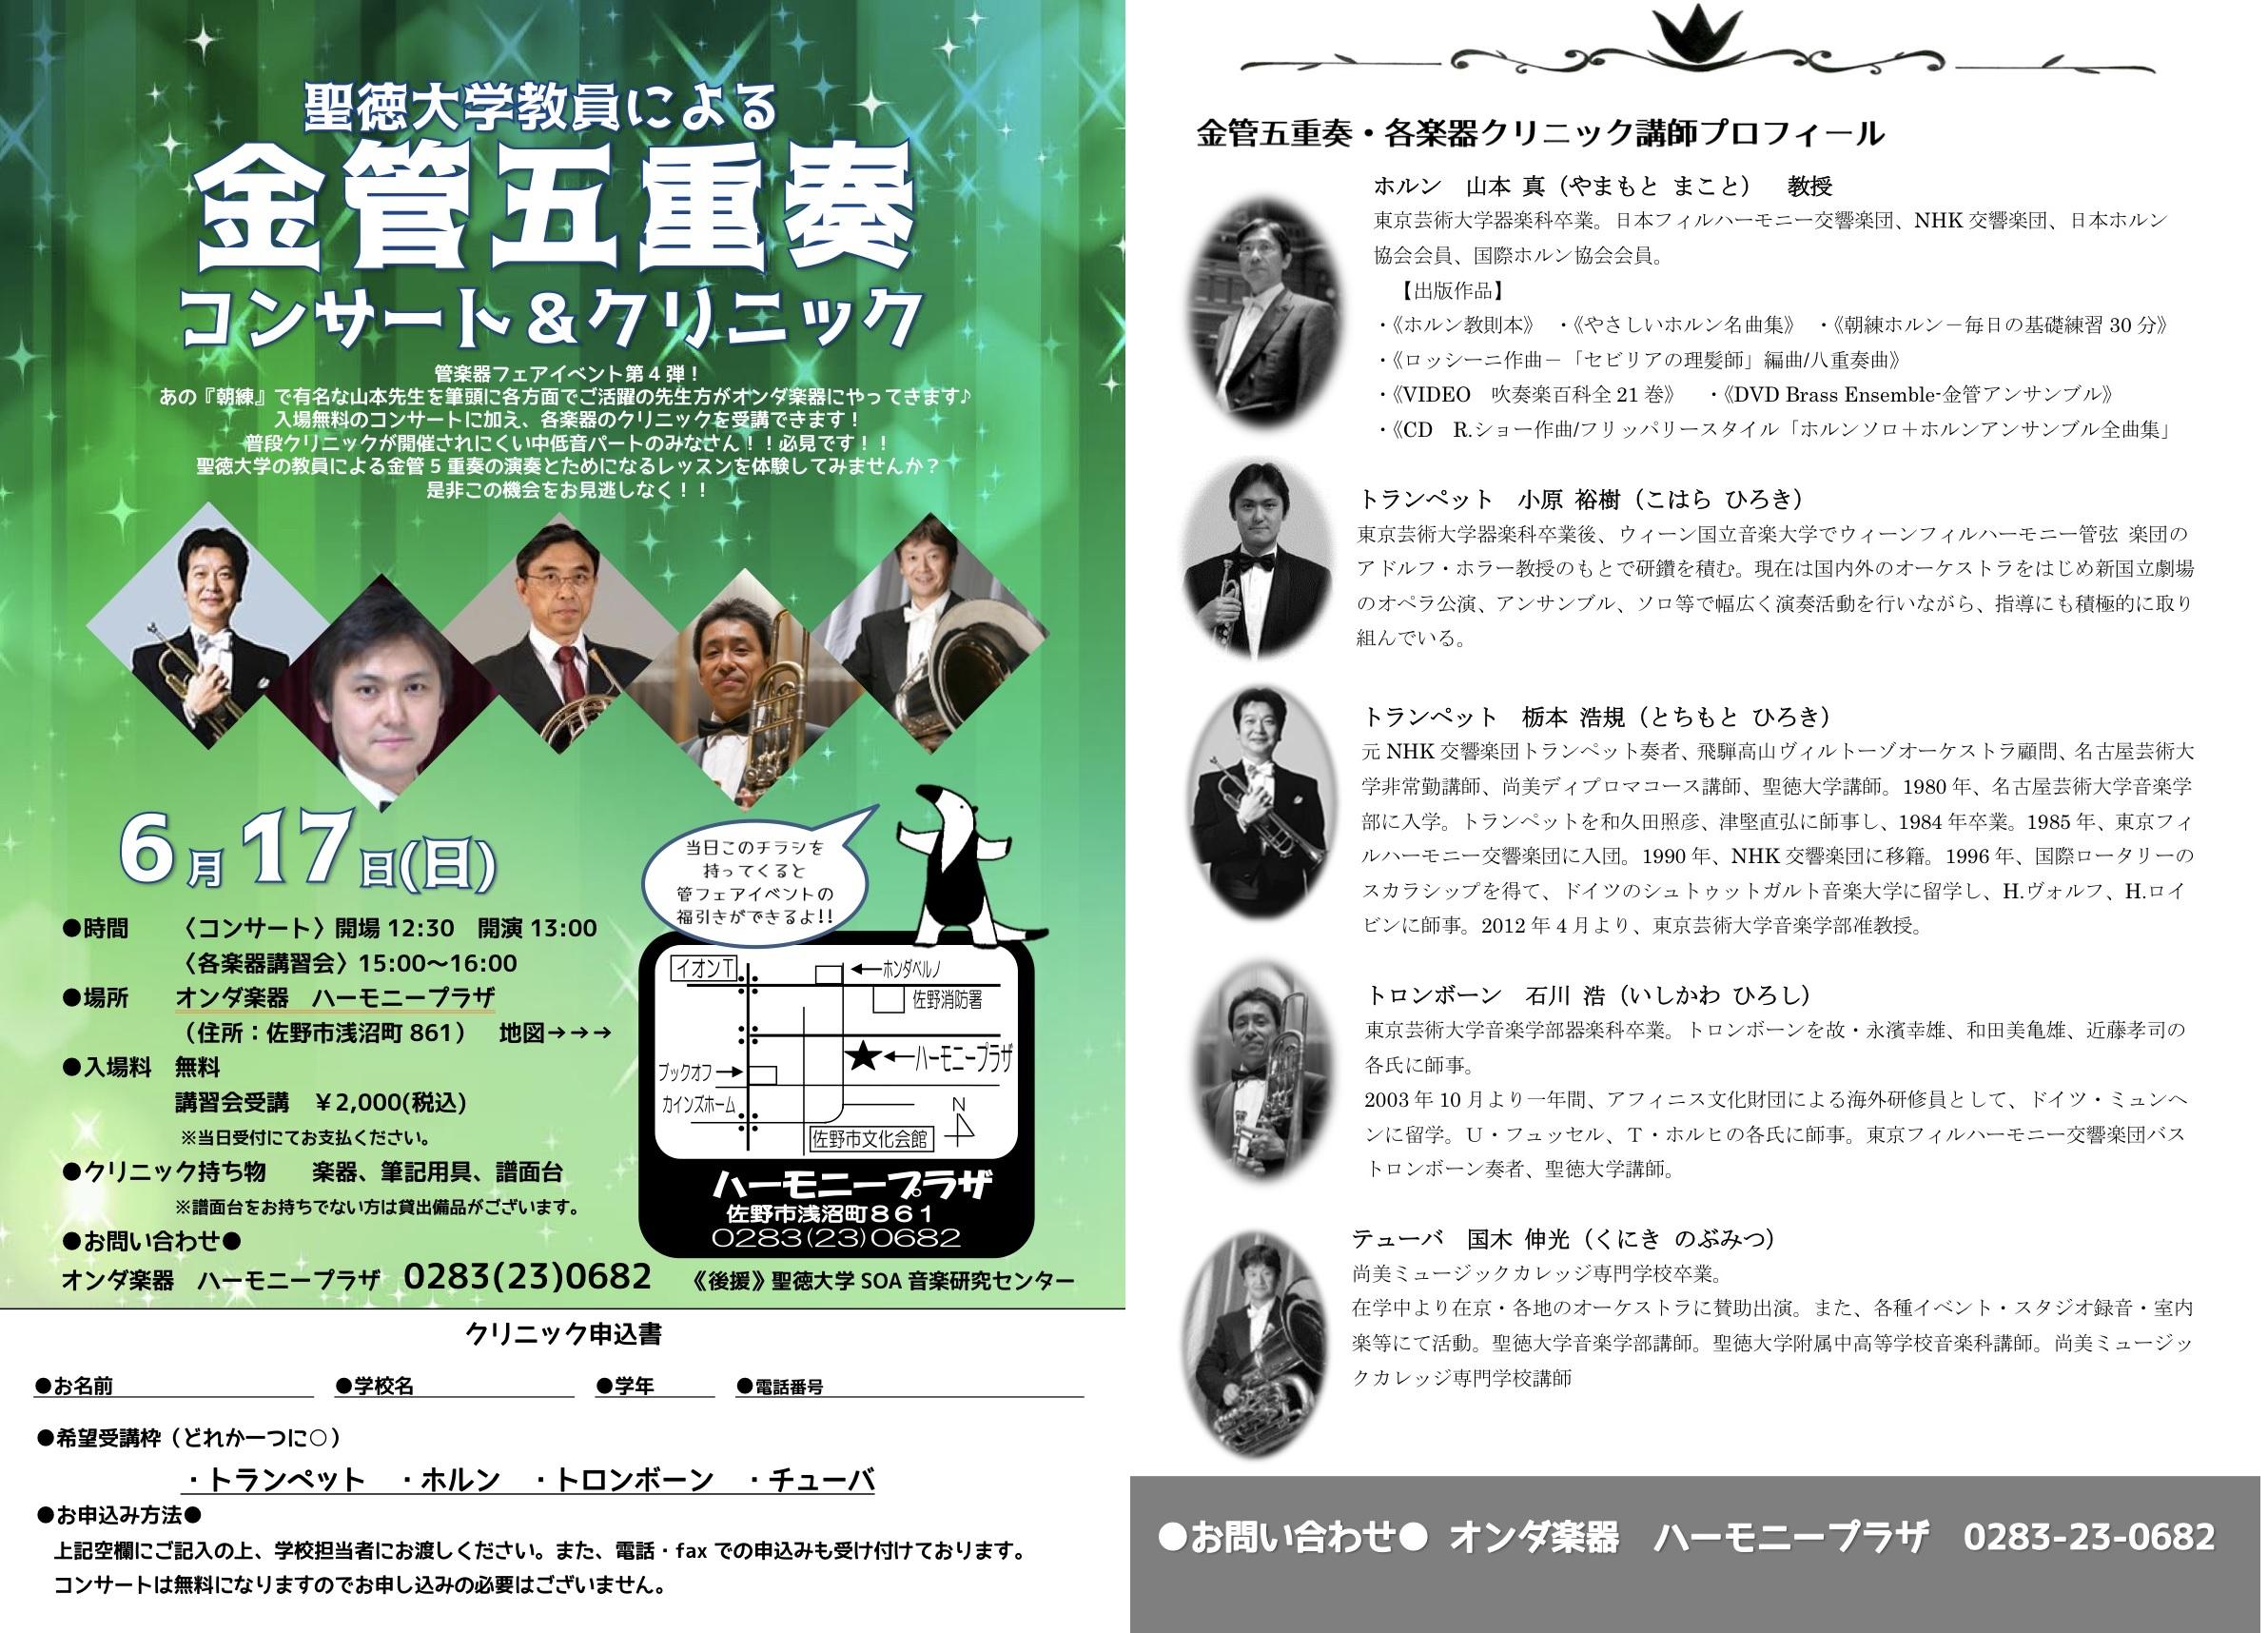 6月17日(日)佐野市と那覇市で音楽学部の教員が皆さんを指導します!